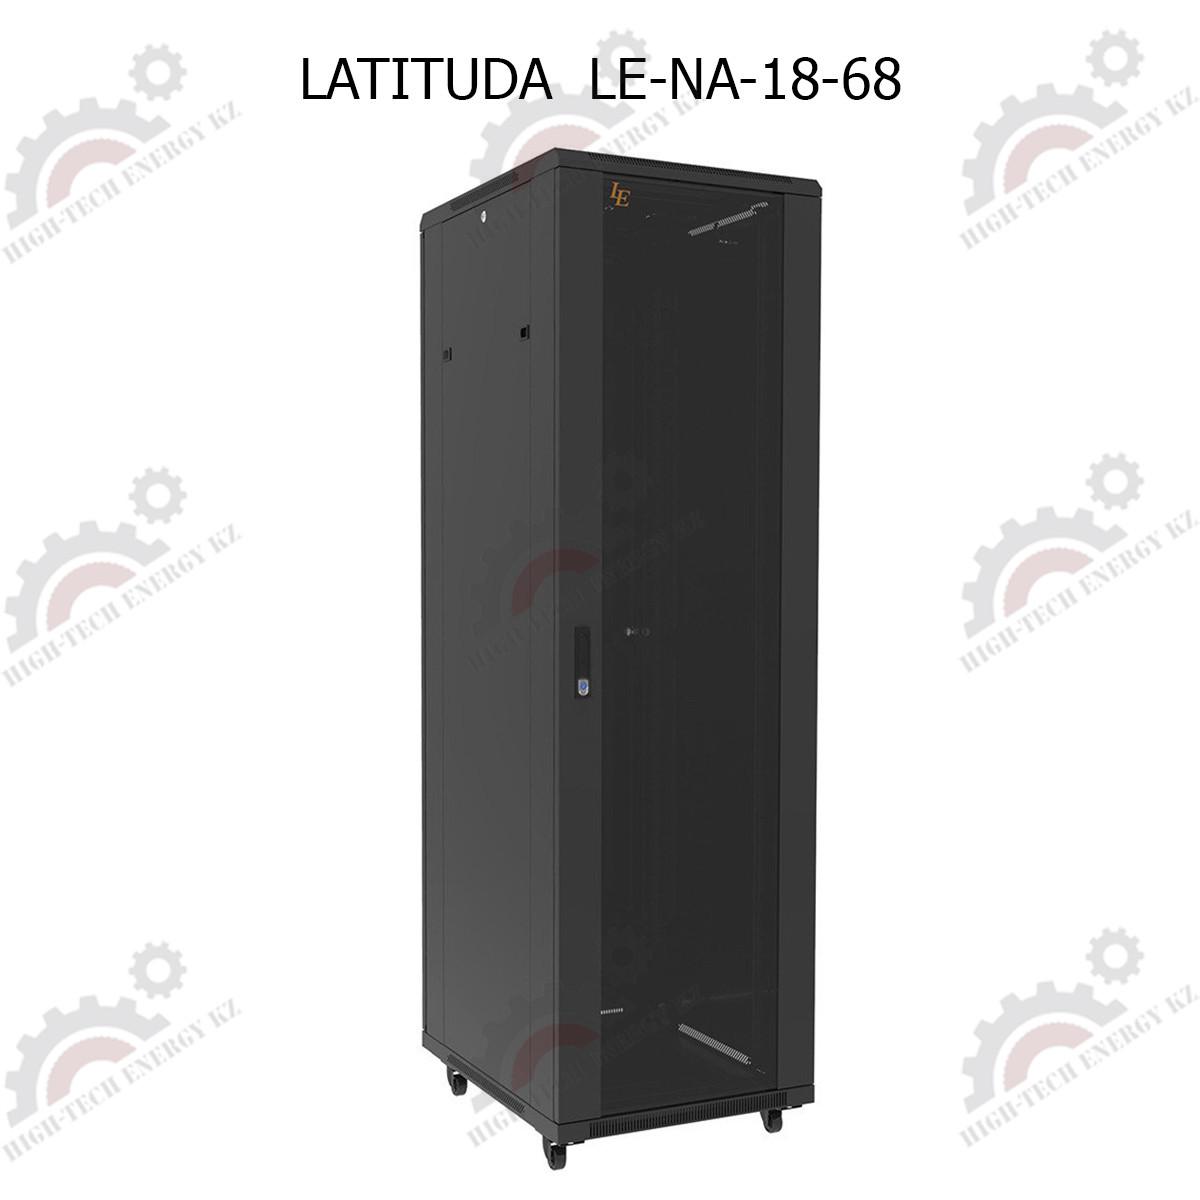 Шкаф серверный напольный  LATITUDA 18U, 600*800*899мм, цвет черный, передняя  дверь стеклянная